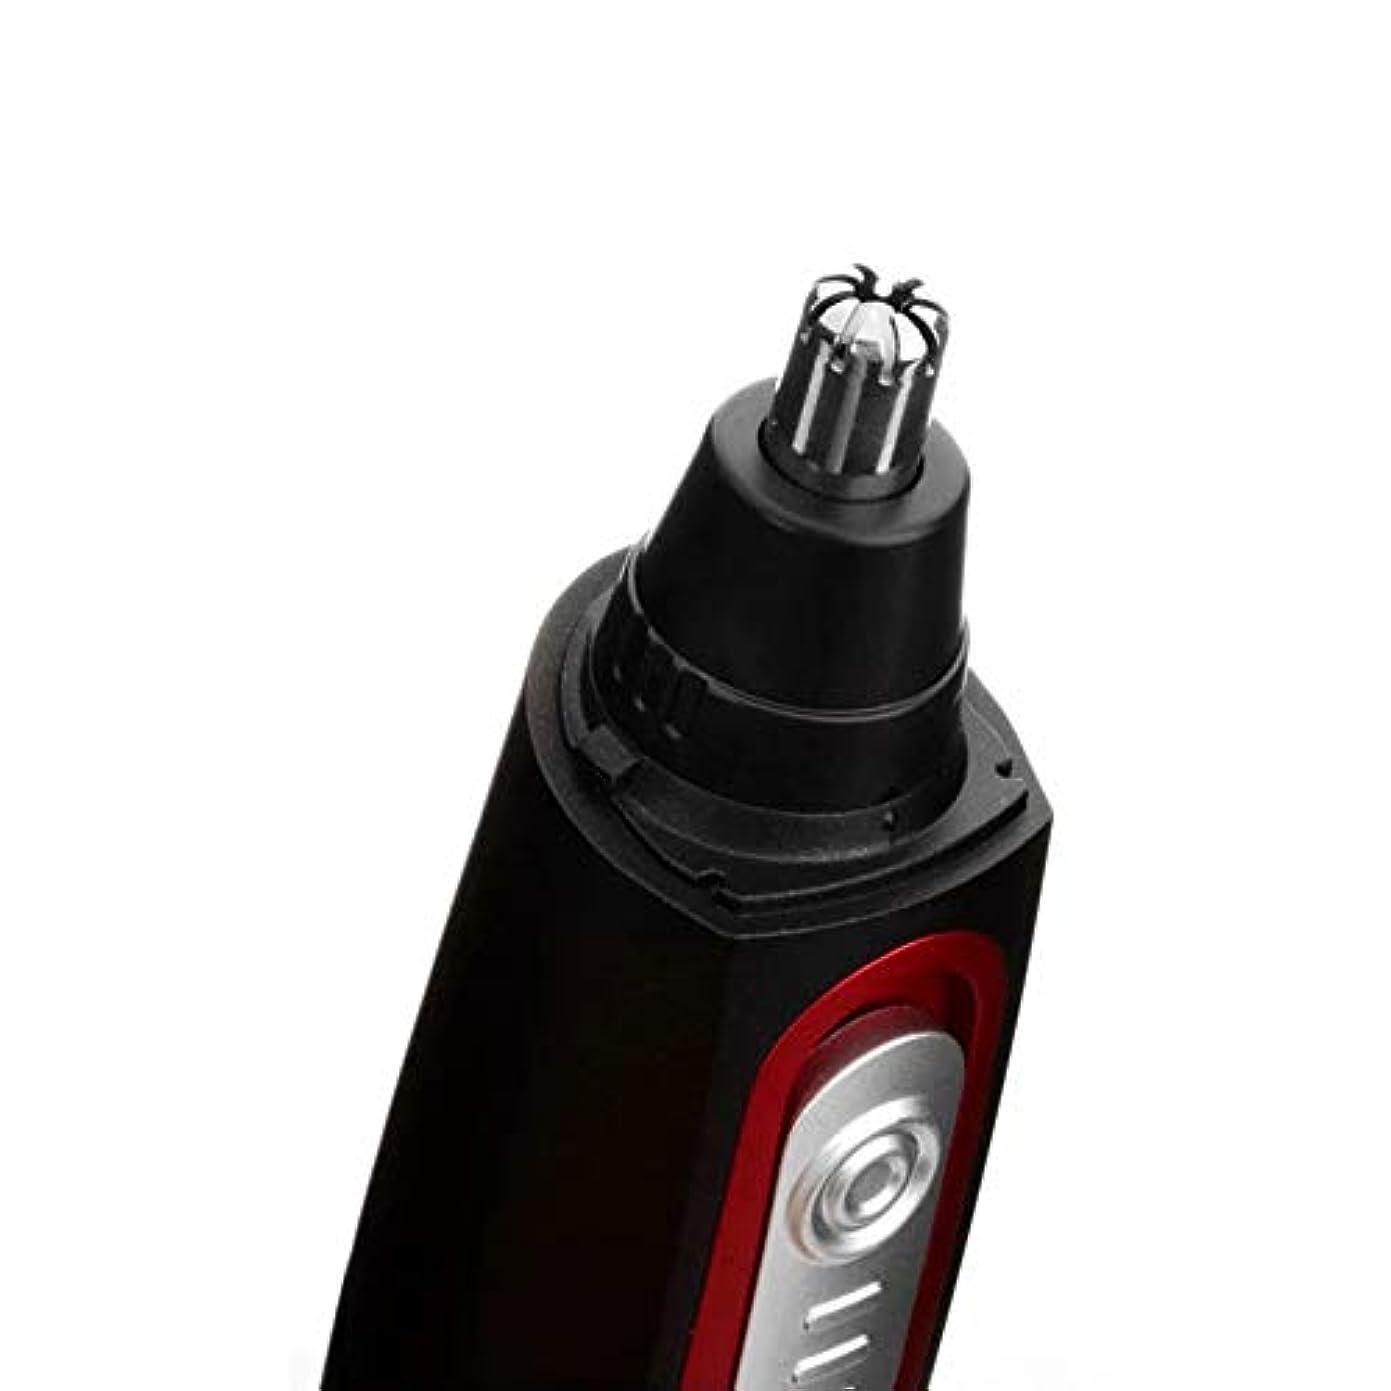 単独で名義で場合ノーズヘアトリマー/メンズシェービングノーズヘアスクレーピングノーズヘアハサミ/ 360°効果的なキャプチャー/三次元ロータリーカッターヘッドデザイン/ 14cm 軽度の脱毛